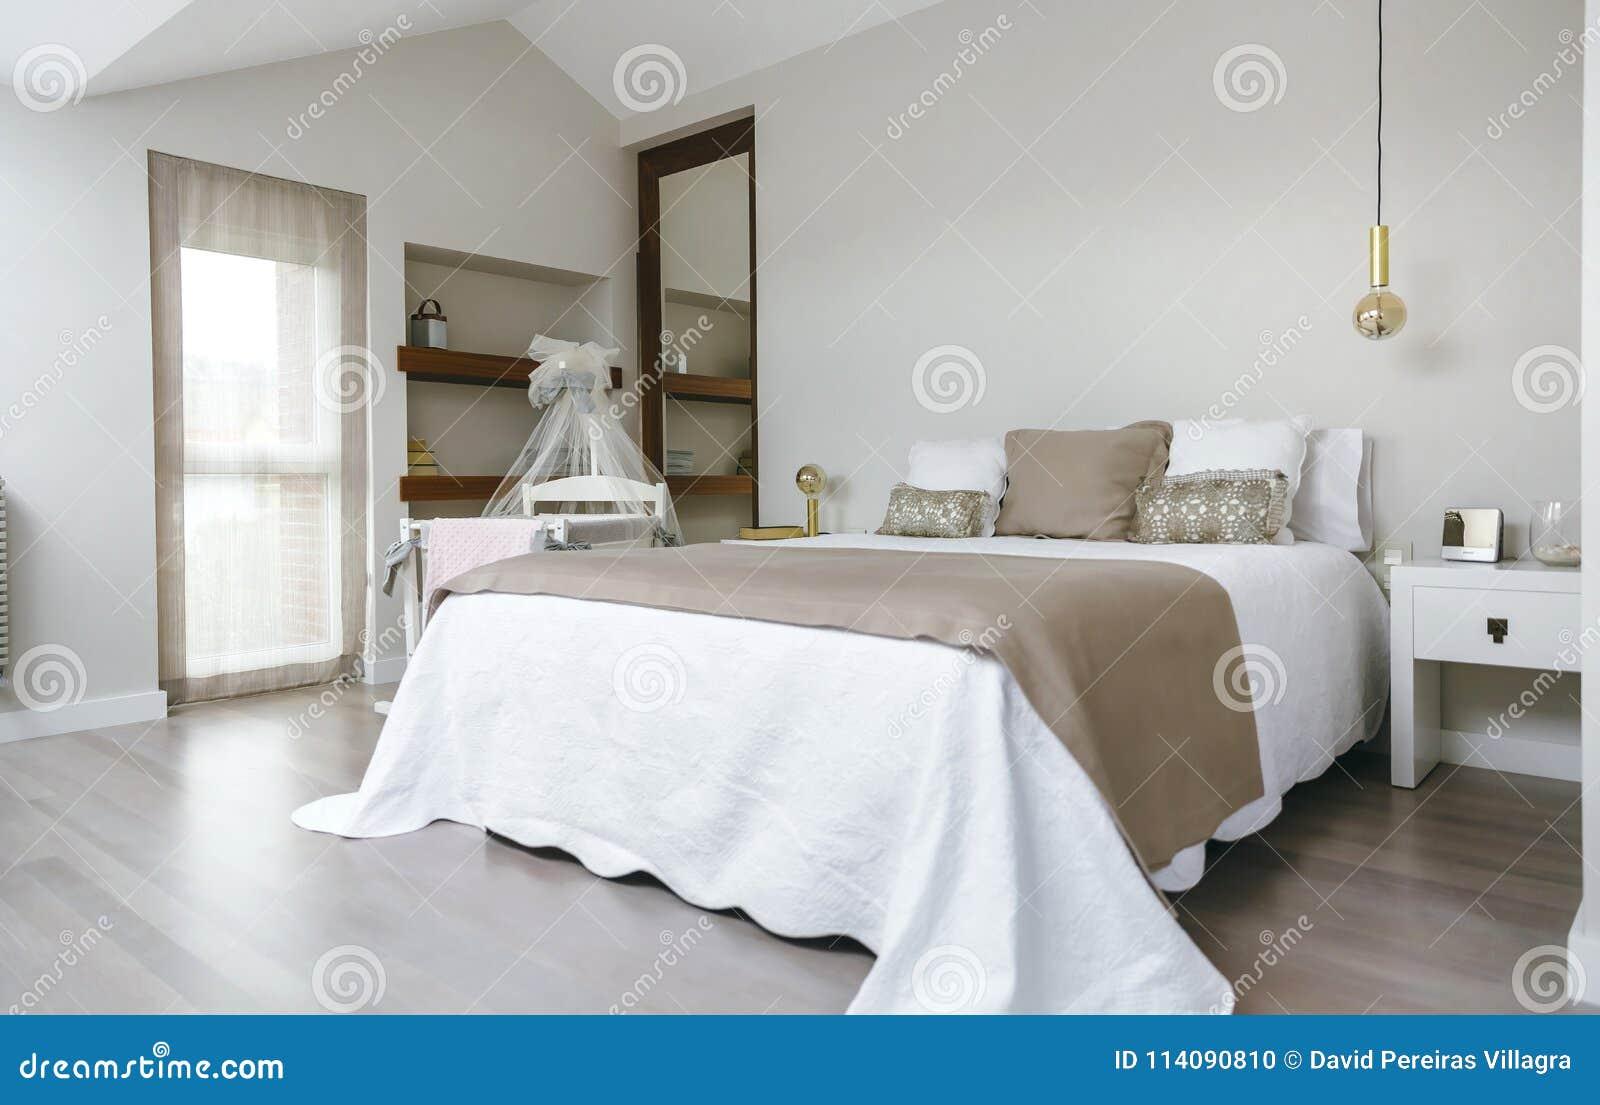 Je Slaapkamer Decoreren : Slaapkamer met tweepersoonsbed en wieg stock foto afbeelding